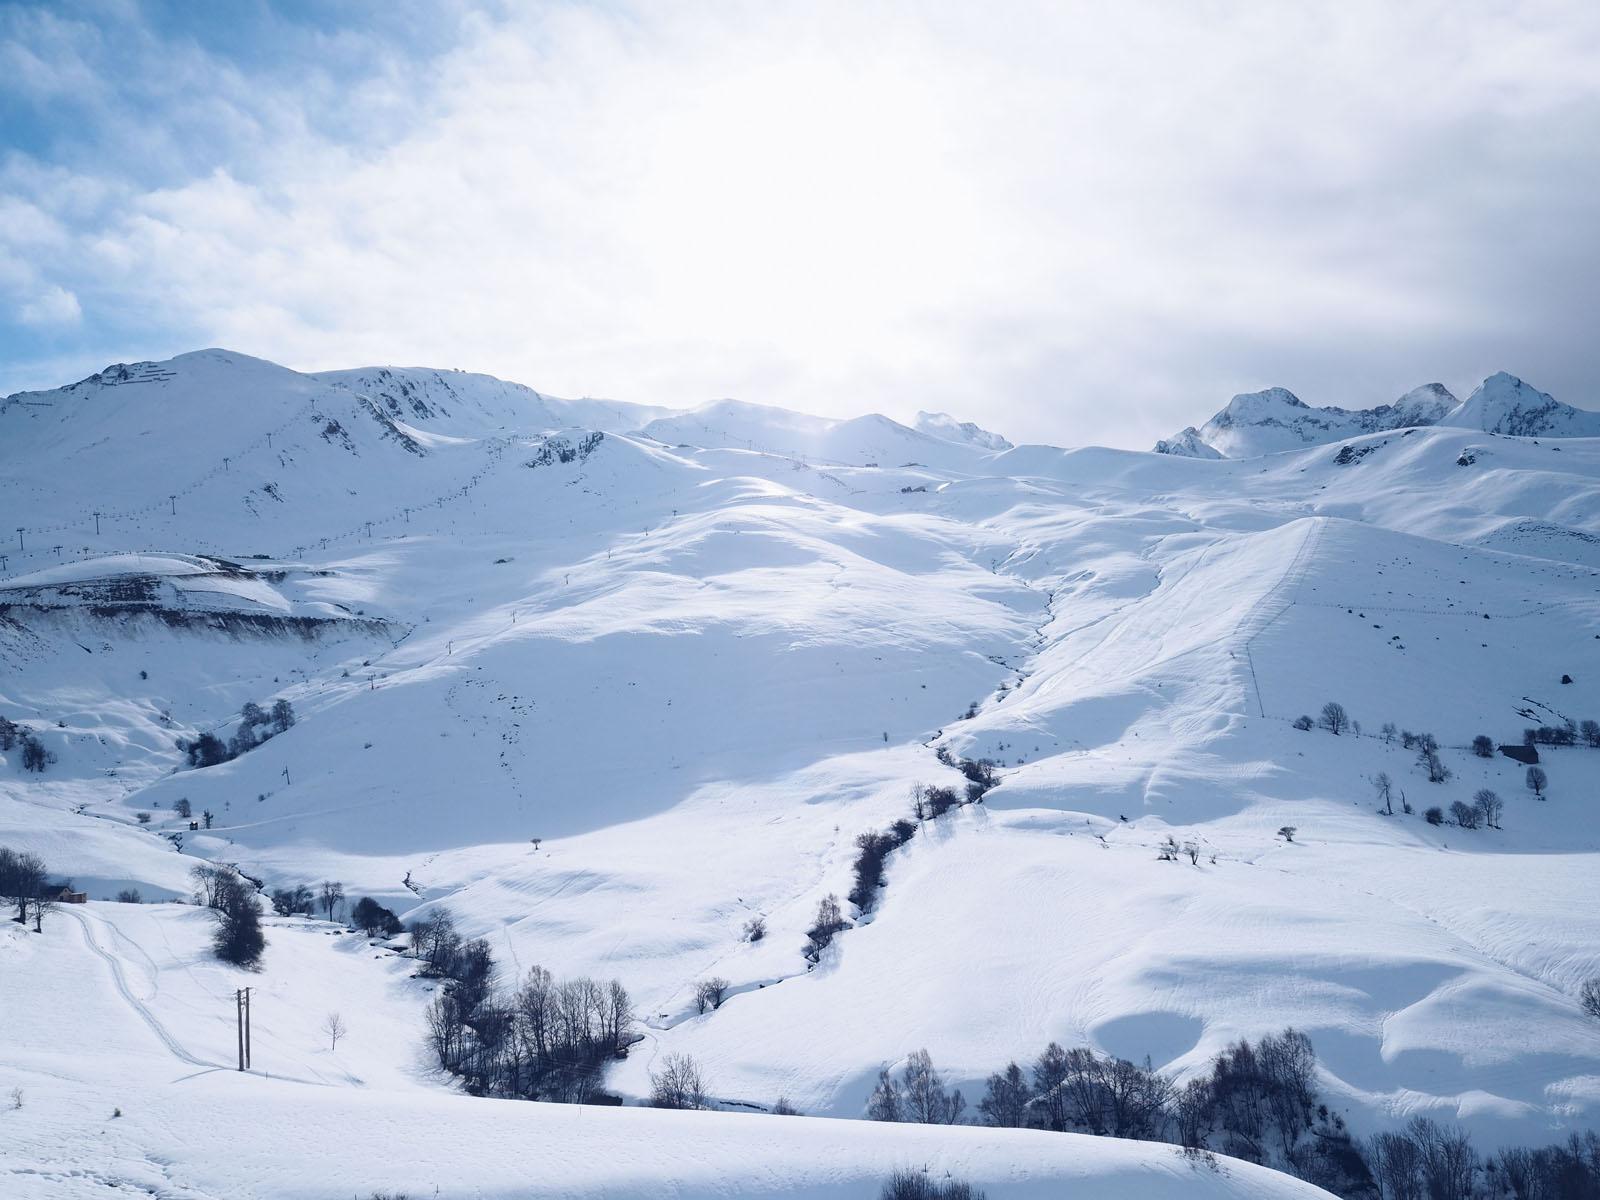 Vacances au ski en famille Hautes Pyrenees bonnes adresses hotel station l La Fiancee du Panda blog mariage et lifestyle-317928